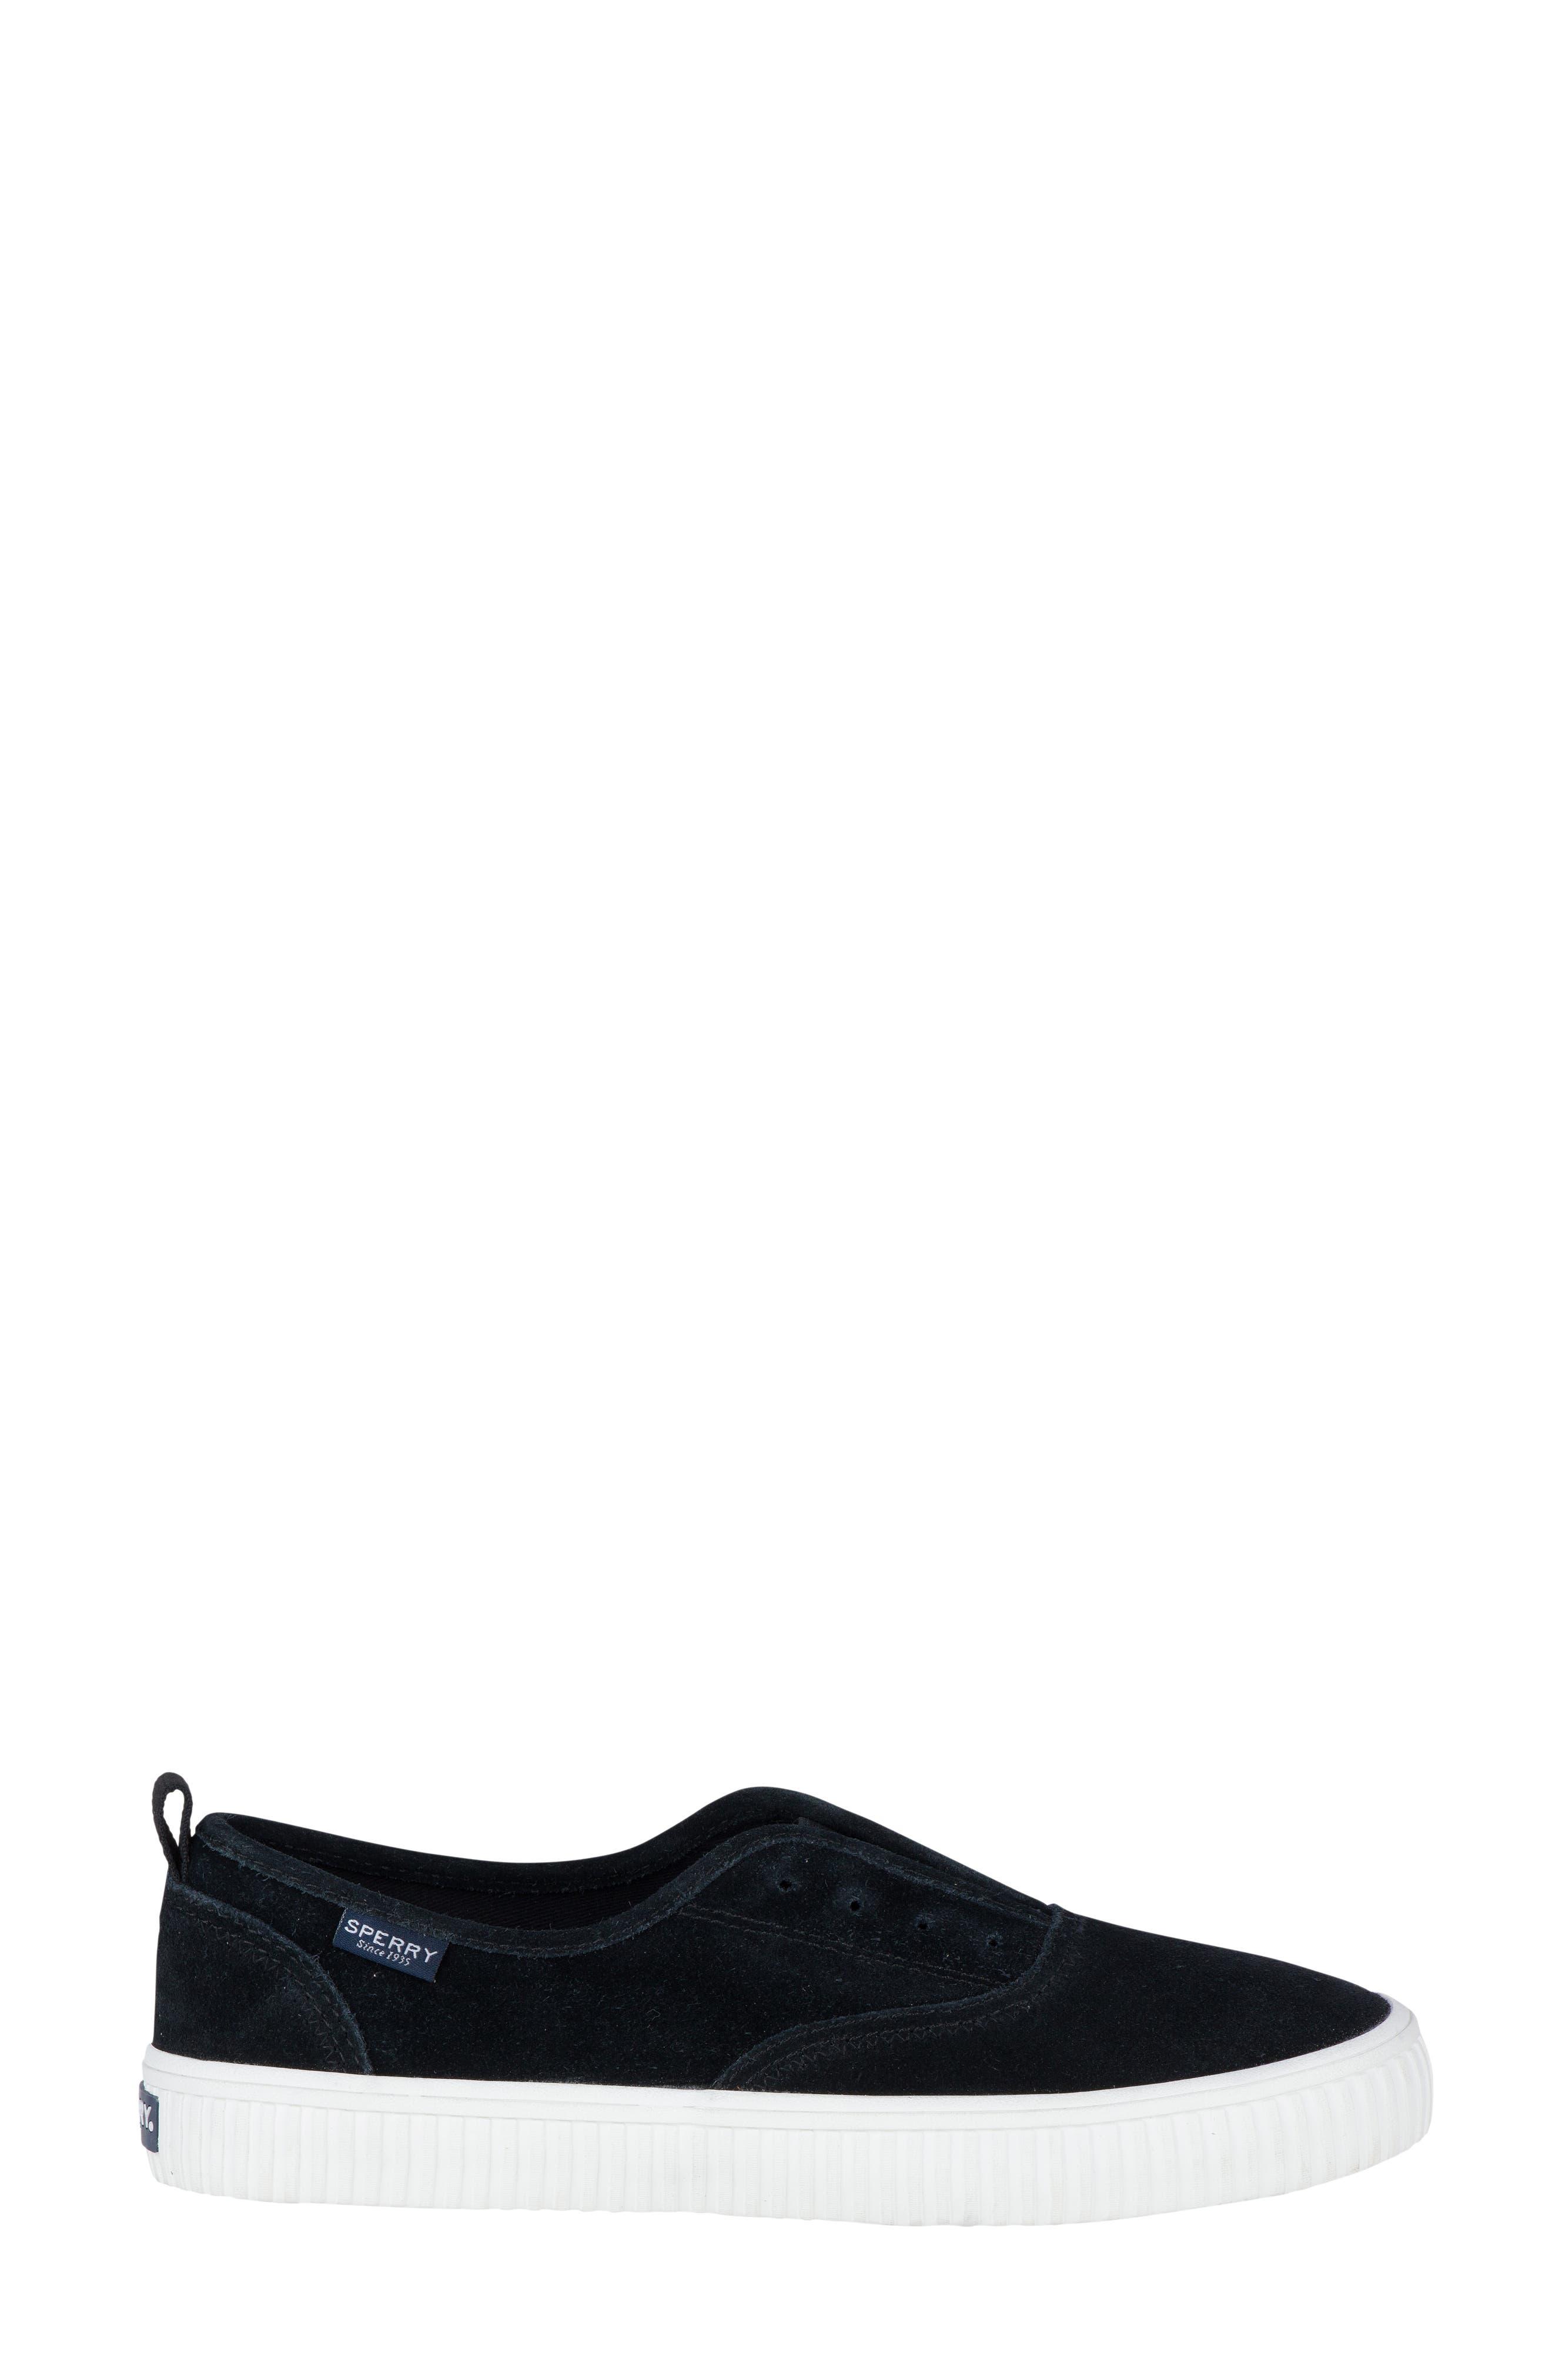 Alternate Image 3  - Sperry Crest Creeper Slip-On Sneaker (Women)